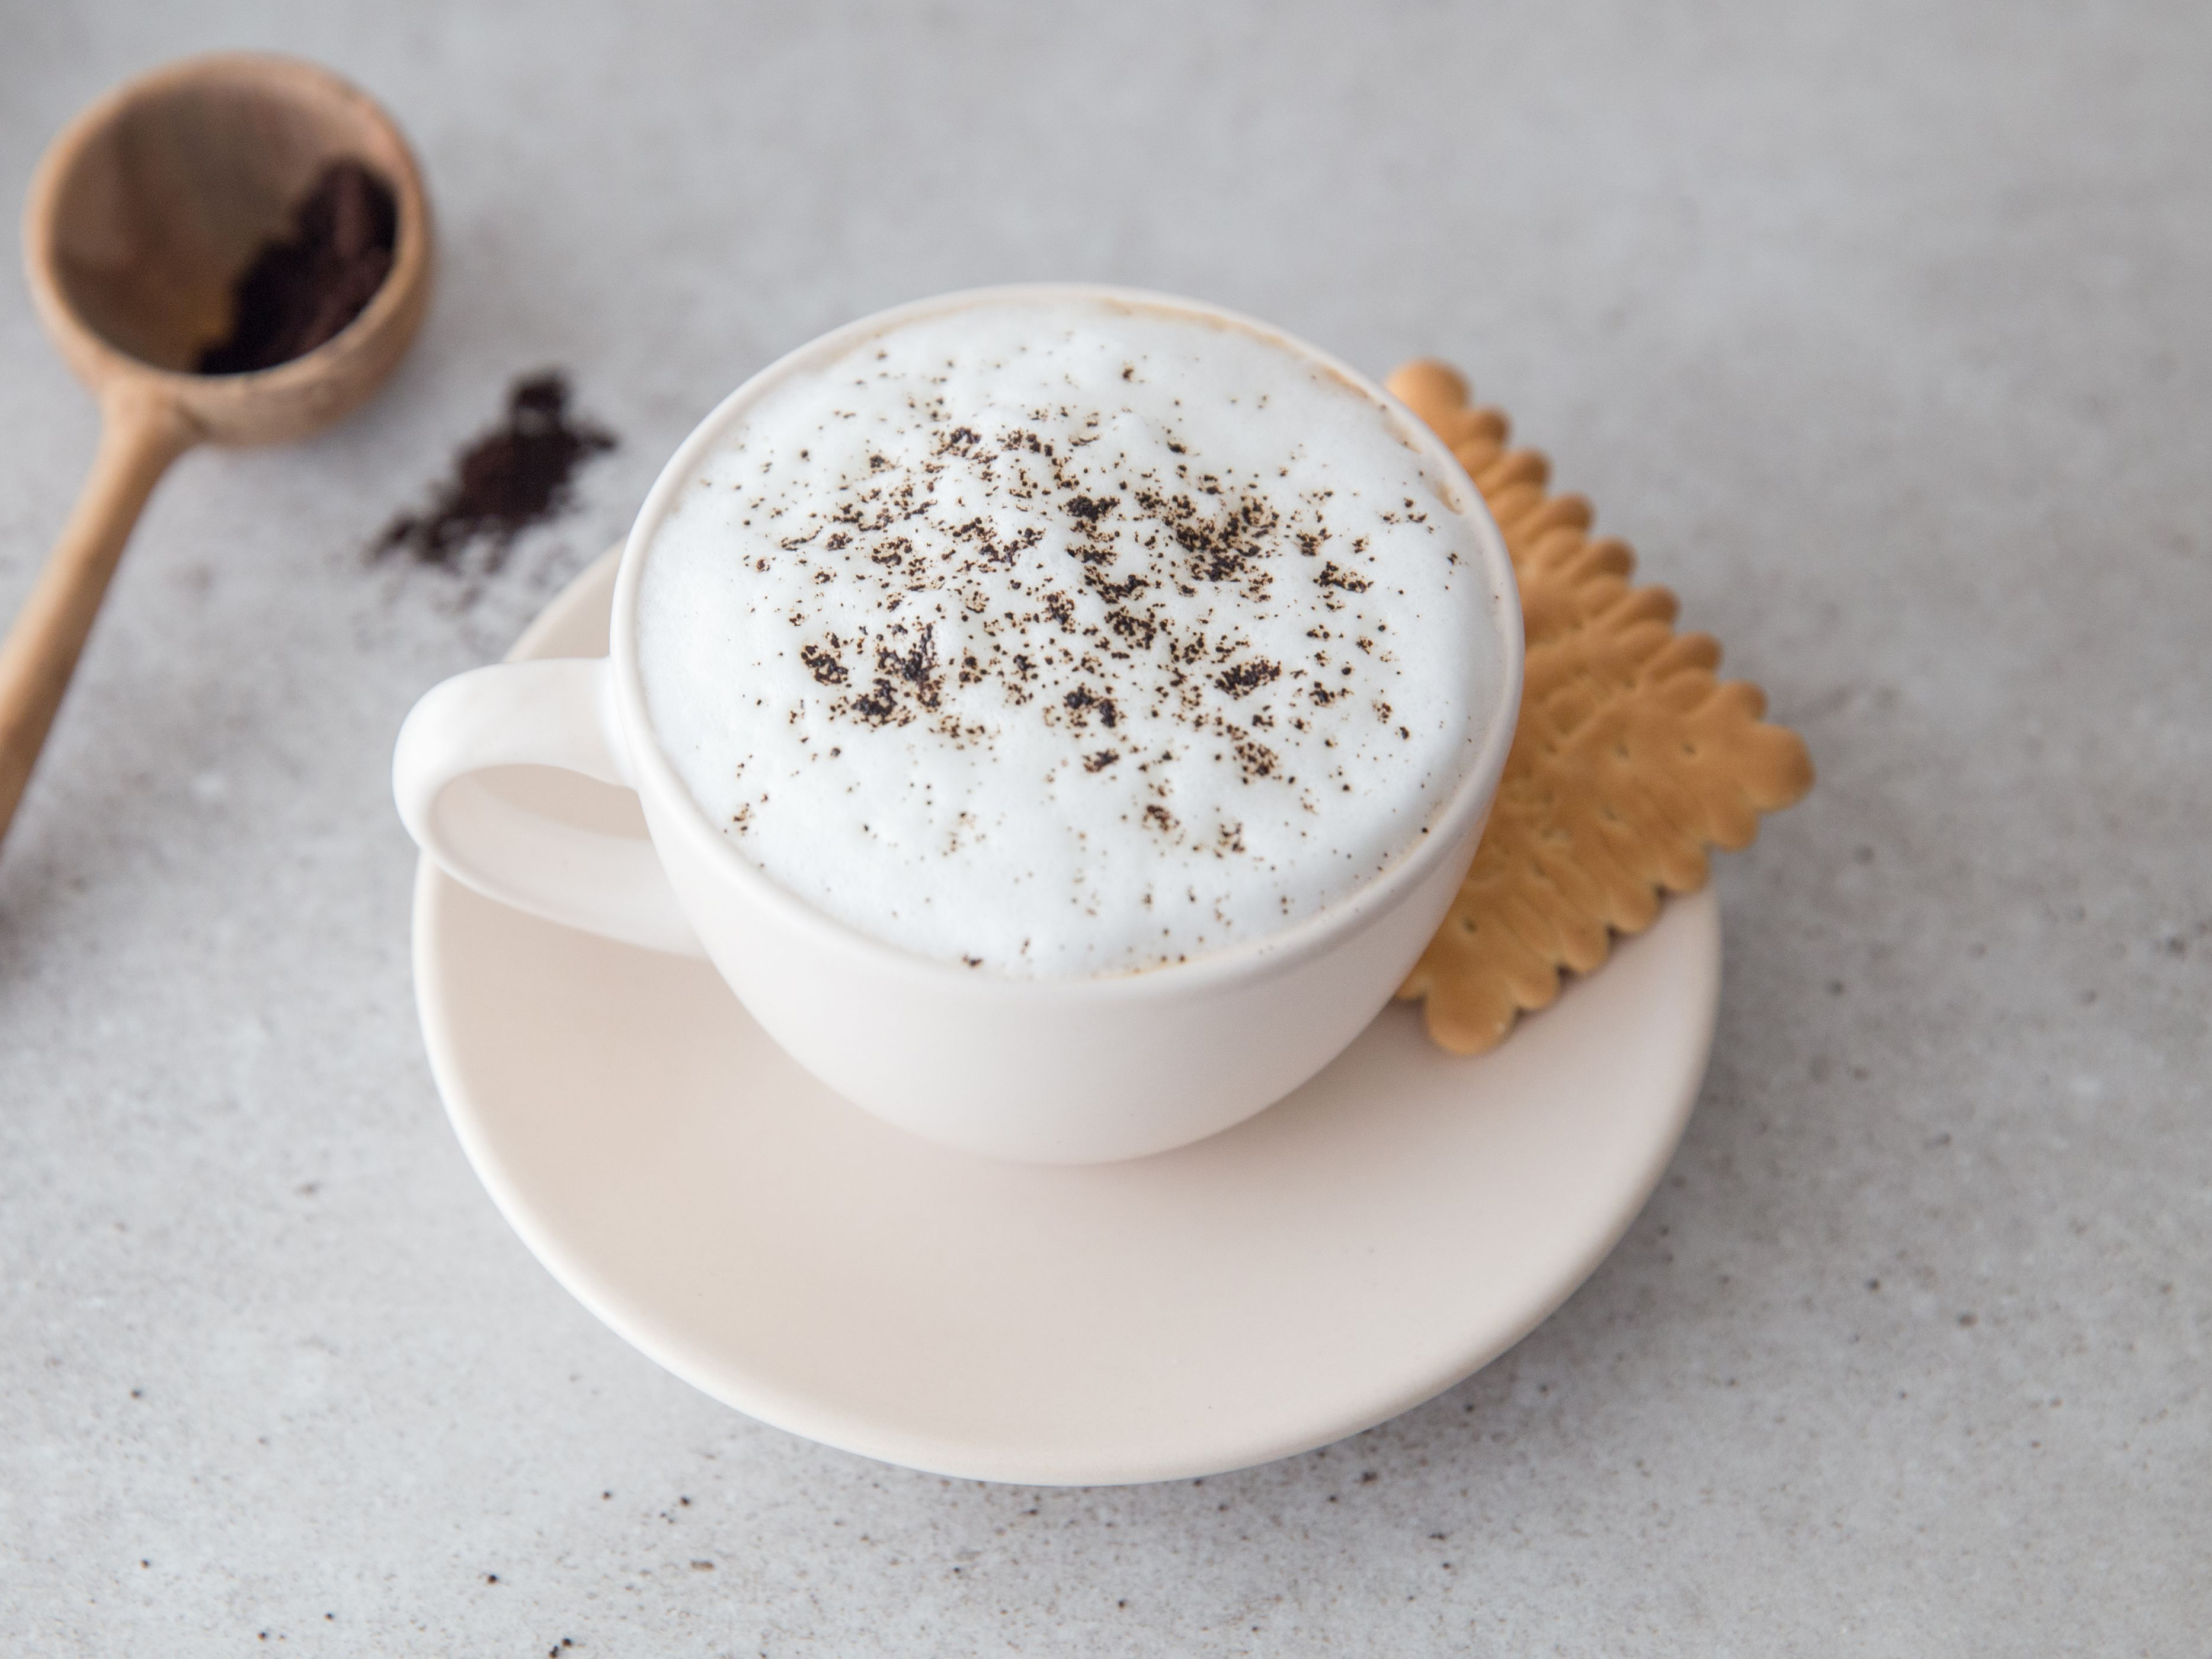 How To Make Caffe Latte Recipe